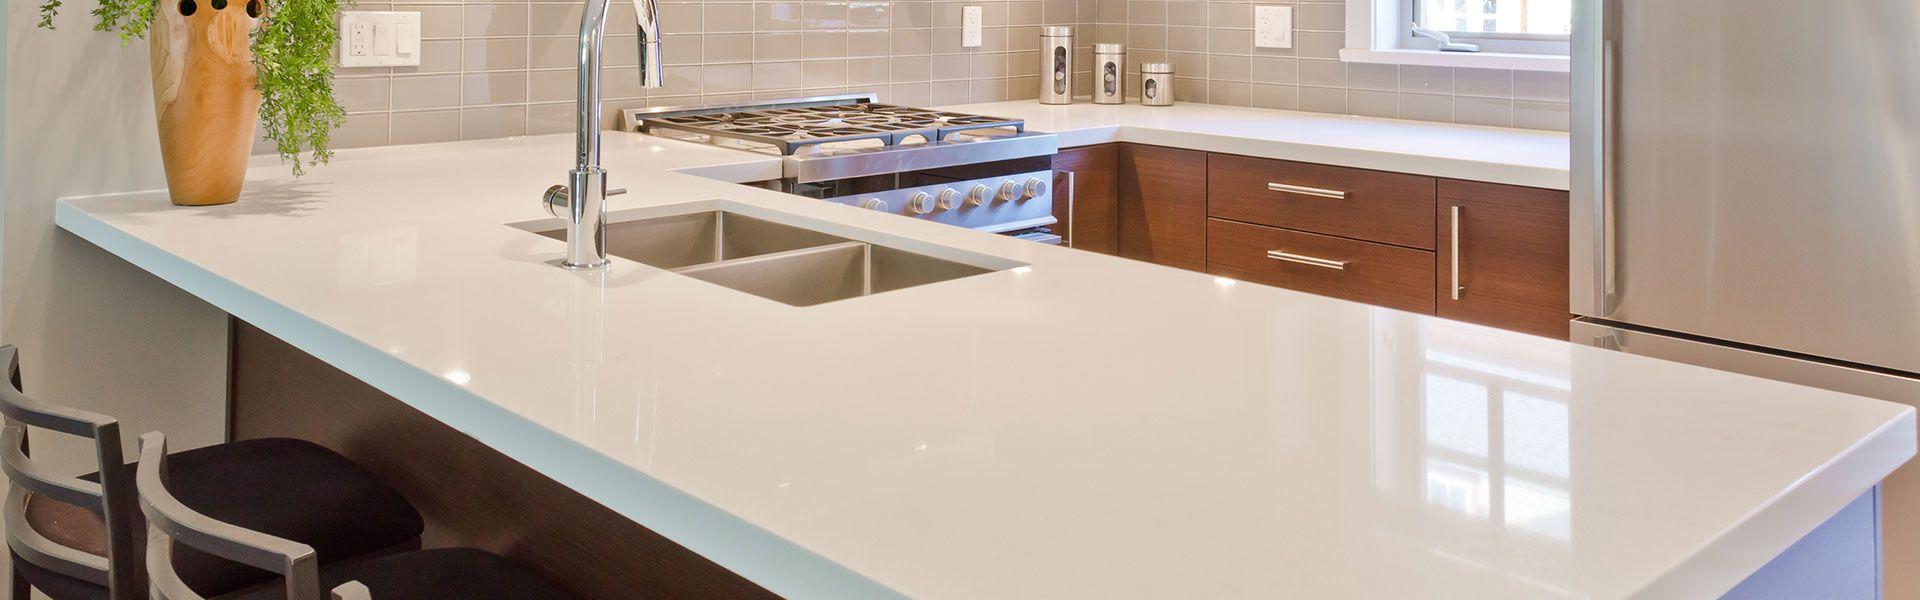 Countertop Measure guide - Kitchen Prefab cabinets,RTA